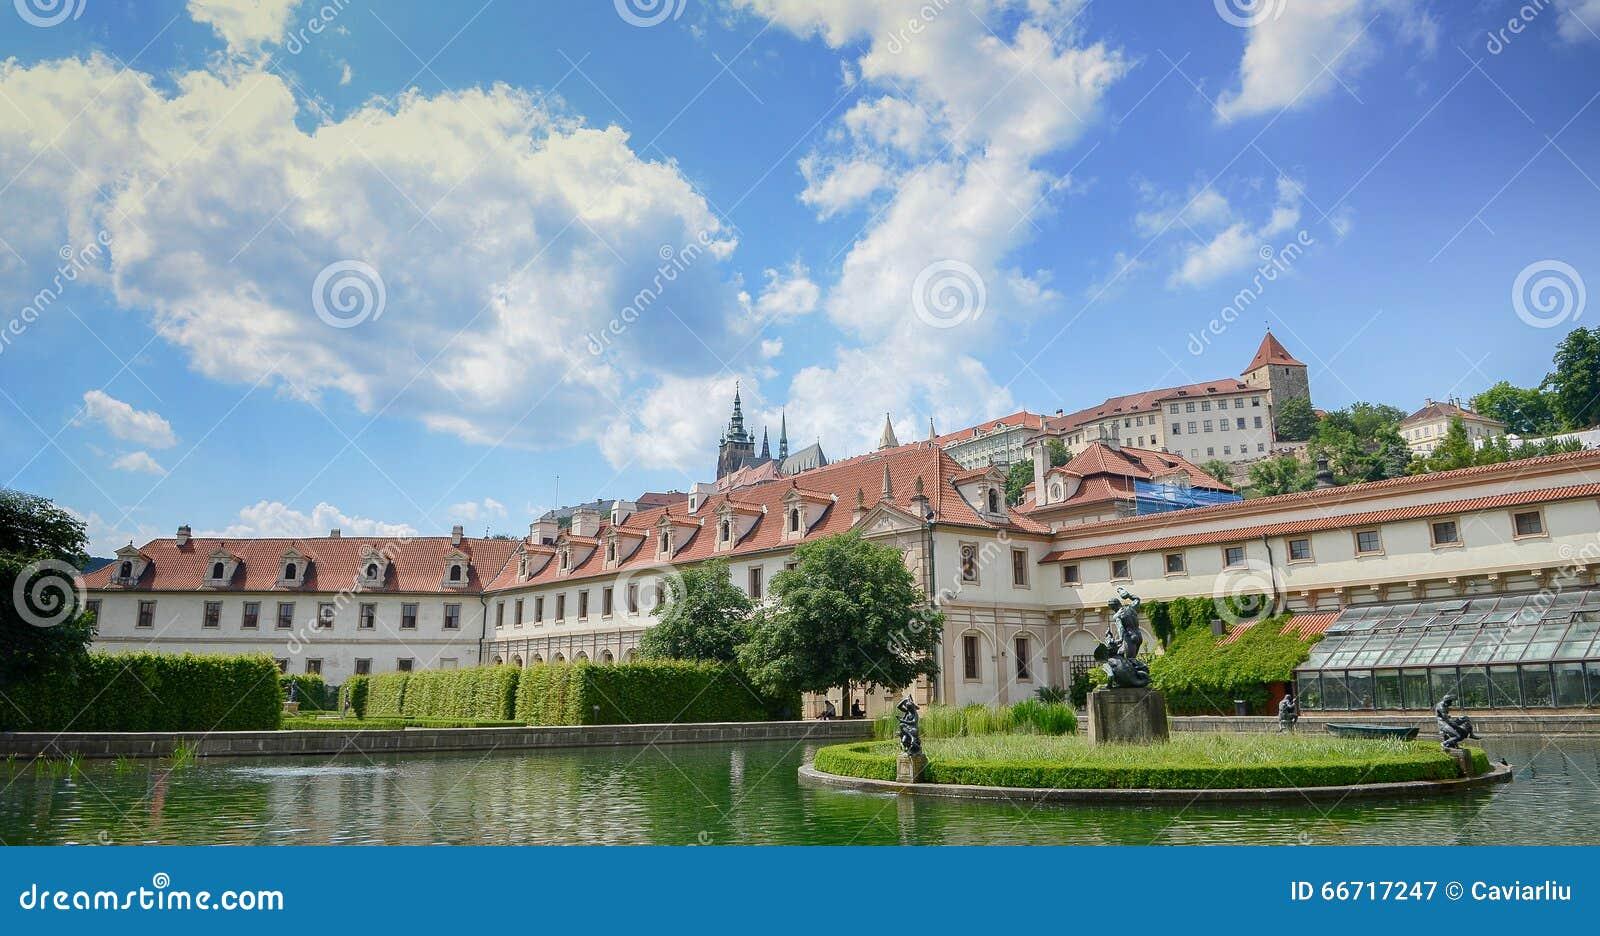 Palazzo ieri barrocco praga di wallenstein oggi il for Senato repubblica